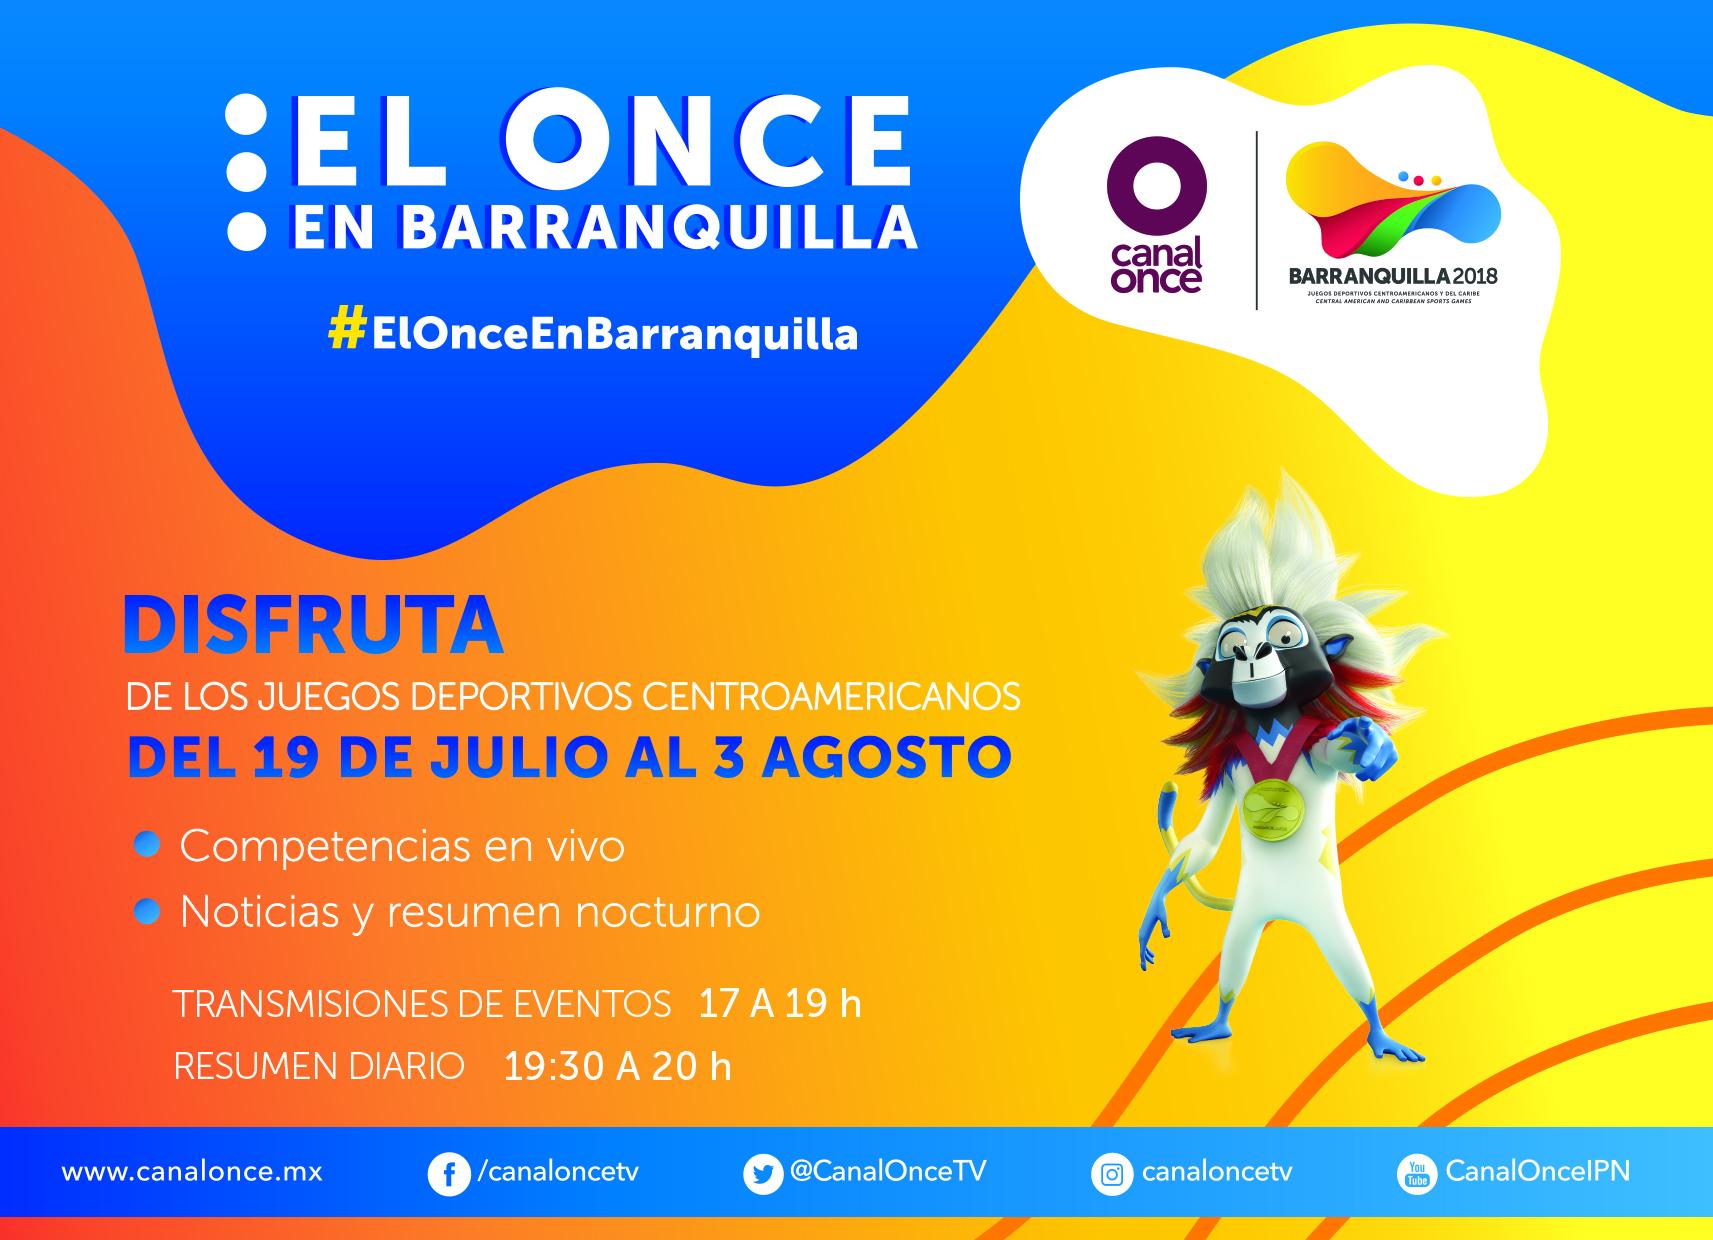 LOS JUEGOS CENTROAMERICANOS Y DEL CARIBE BARRANQUILLA 2018 ESTÁN EN CANAL ONCE